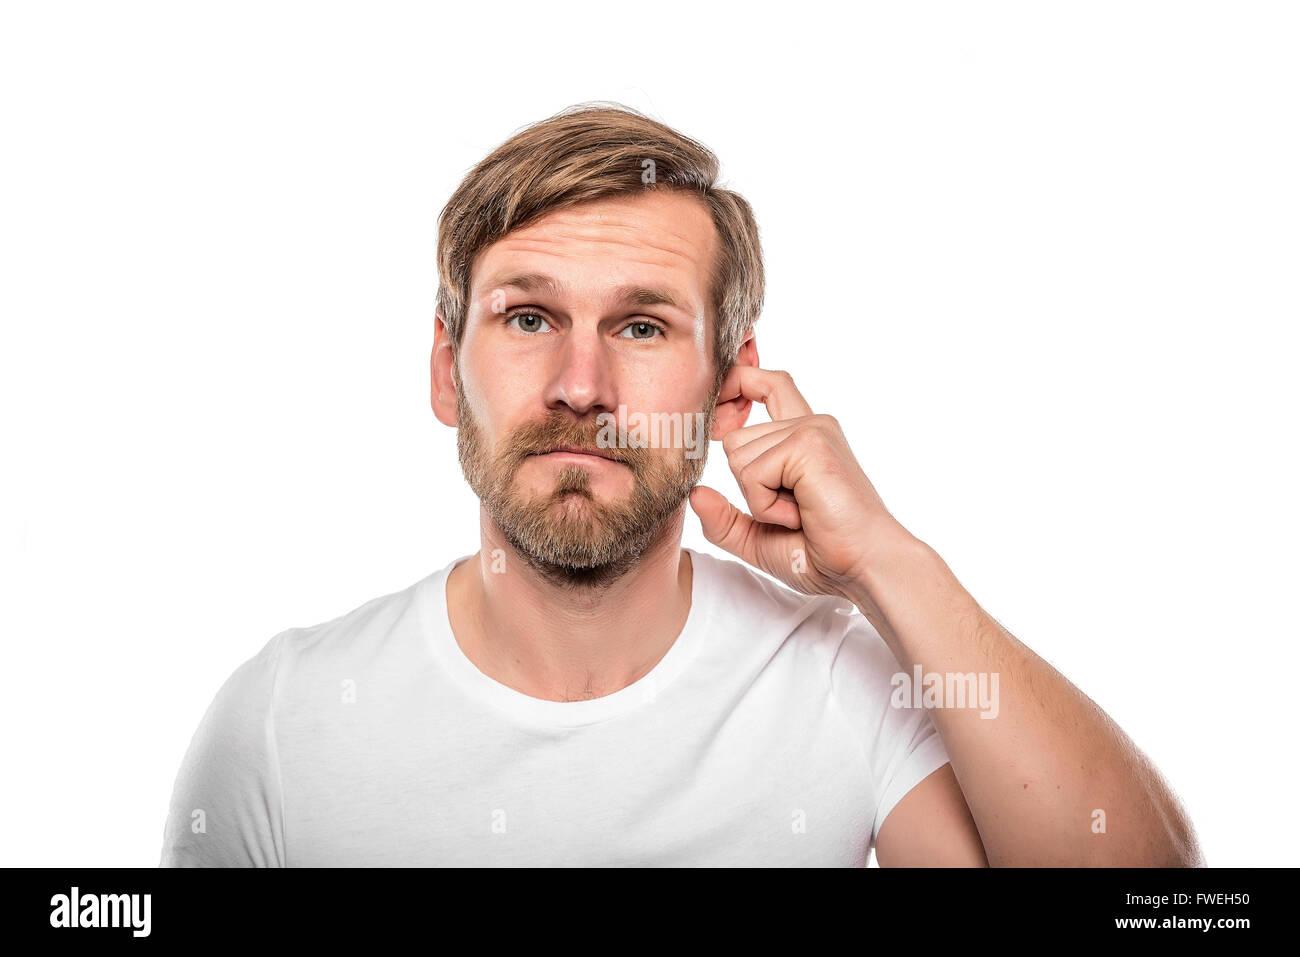 Uomo di graffiare nel suo orecchio. Isolato su bianco. Immagini Stock